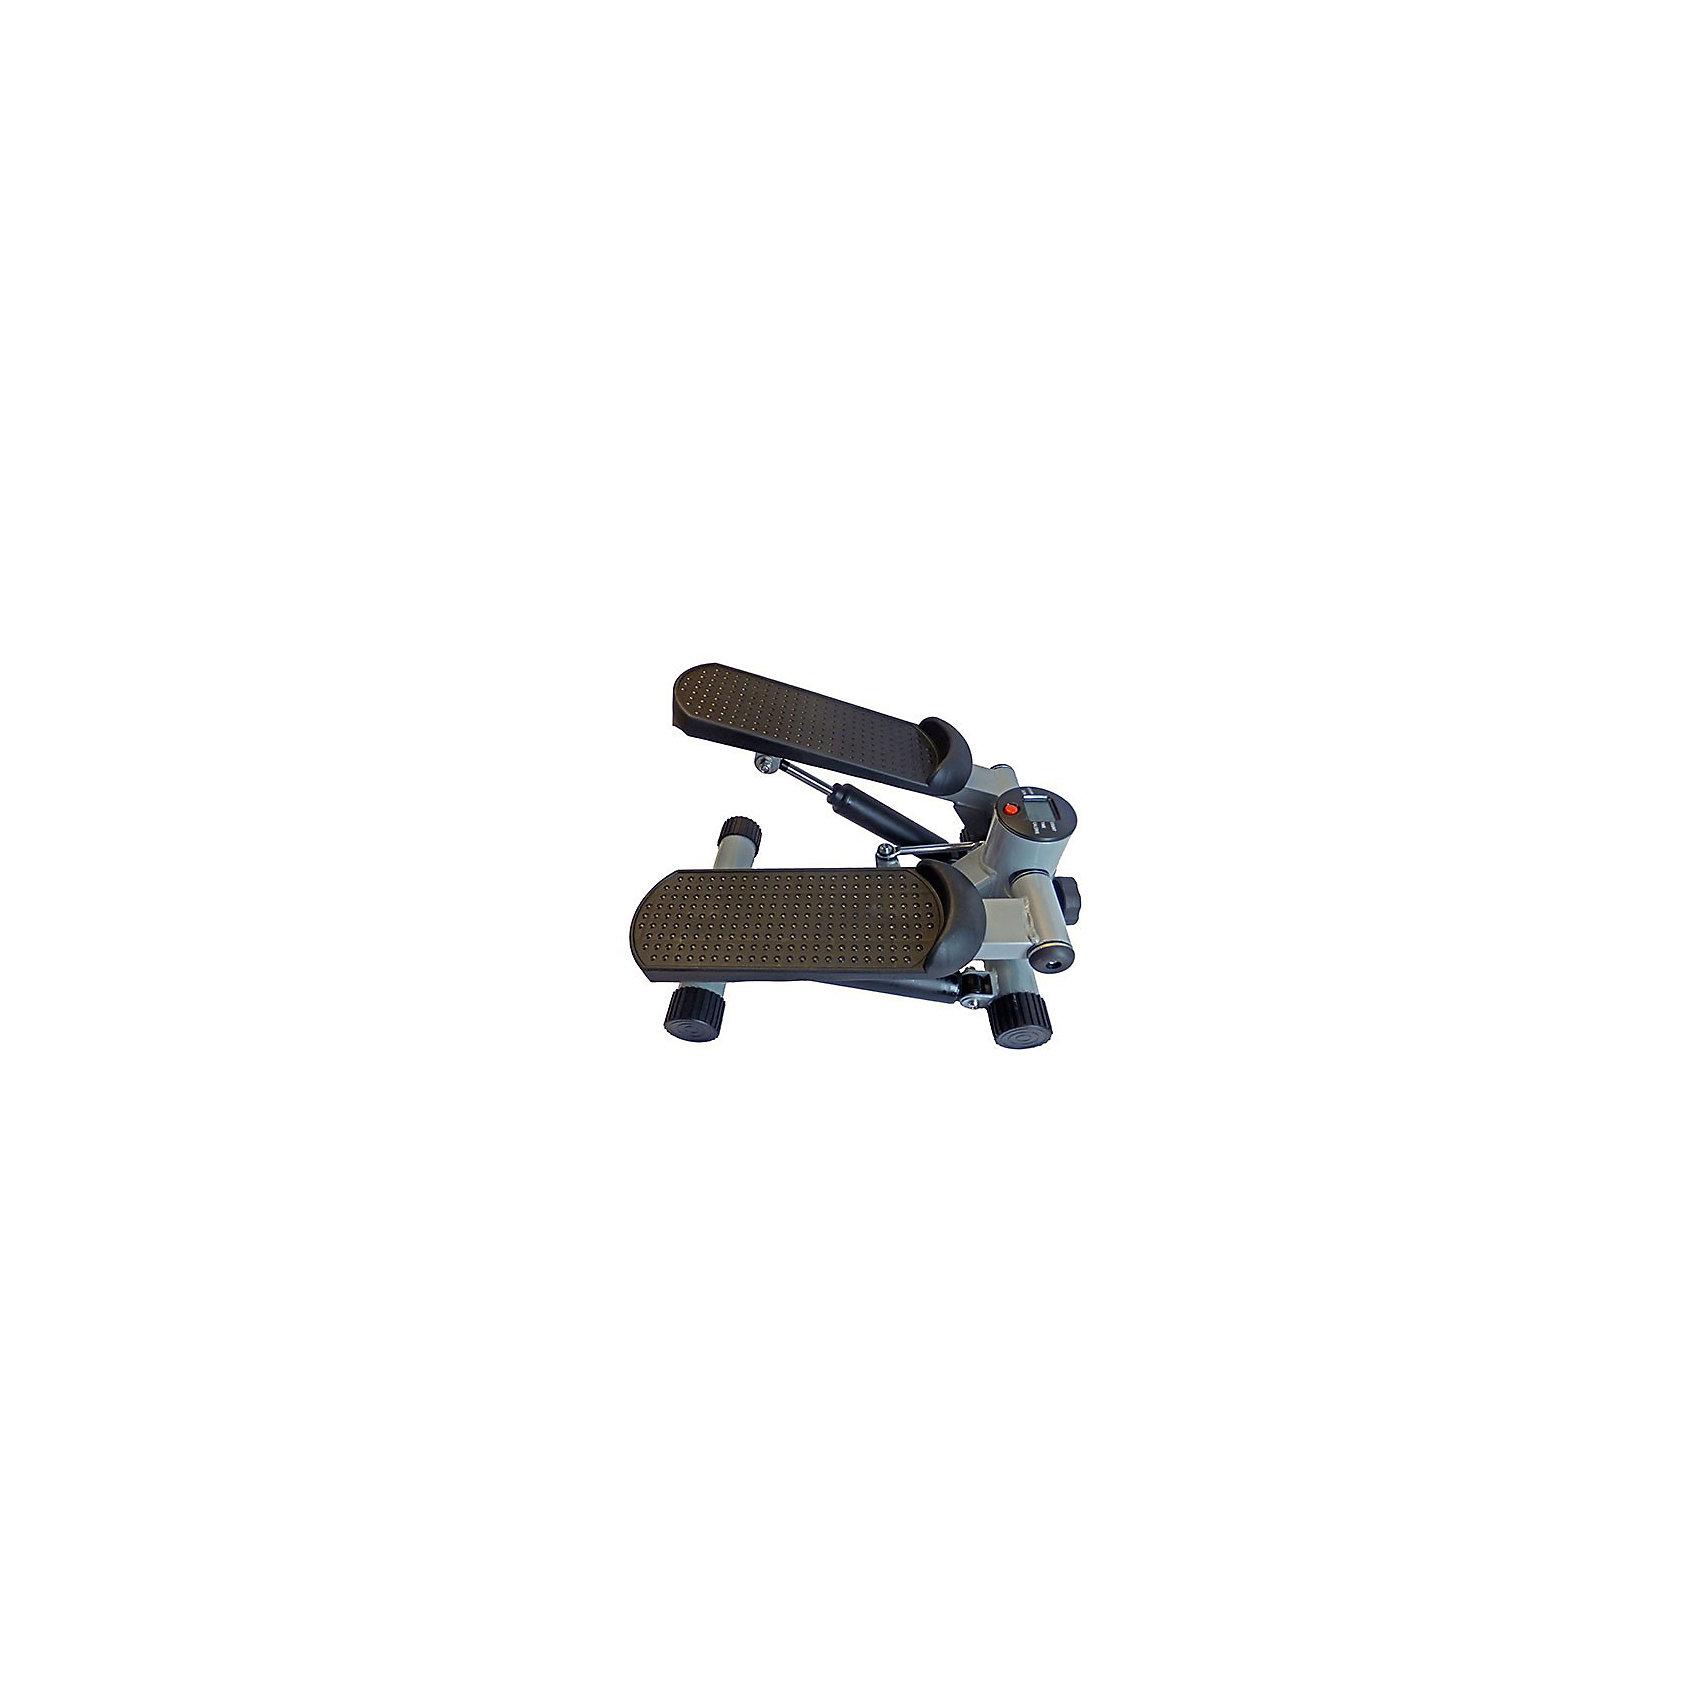 Министеппер GB5105/ 0732-01/SE 5105, Sport ElitТренажёры<br>Министеппер Sport Elit SE 5105 идеальный домашний тренажер, который может использовать любой пользователь вне зависимости от начального уровня физической подготовки. Компактный размер тренажера позволяет использовать и без труда хранить его даже в очень небольшом помещении. Тренировки на этом тренажере позволяют укрепить и развить все основные группы мышц, бороться с лишним весом, поддерживать отличную физическую форму.<br>Министеппер Sport Elit SE 5105 сконструирован таким образом, чтобы сделать тренировки максимально комфортными и эффективными: устойчивая конструкция, широкие педали с нескользящей поверхностью и очень прочная конструкция позволяют использовать тренажер пользователям с весом до 100 кг. Встроенный компьютер сообщает пользователю время тренировки, количество сделанных шагов, количество шагов в минуту, потраченные калории. Возможность следить за каждым параметром тренировки позволяет корректировать тренировочный процесс и добиваться отличных результатов.<br>ИспользованиеДомашнее<br>Максимальный вес пользователя100 кг<br>Рамастальная, лакированная<br>Система нагружениягидравлическая<br>Измерение пульсанет<br>Показания монитора Кол-во шагов за тренировку, общее кол-во шагов, время, калории<br>Питание Не требует подключения к сети<br>Вес тренажера6 кг<br>Габариты тренажера34х20х42 см.<br>Вес тренажера в коробке8 кг<br>Габариты в упаковке24х46х35 см<br>Гарантия18 месяцев<br>ПроизводительSport Elite<br>ИзготовительКитай<br><br>Ширина мм: 350<br>Глубина мм: 240<br>Высота мм: 460<br>Вес г: 8000<br>Возраст от месяцев: 36<br>Возраст до месяцев: 192<br>Пол: Унисекс<br>Возраст: Детский<br>SKU: 5056626